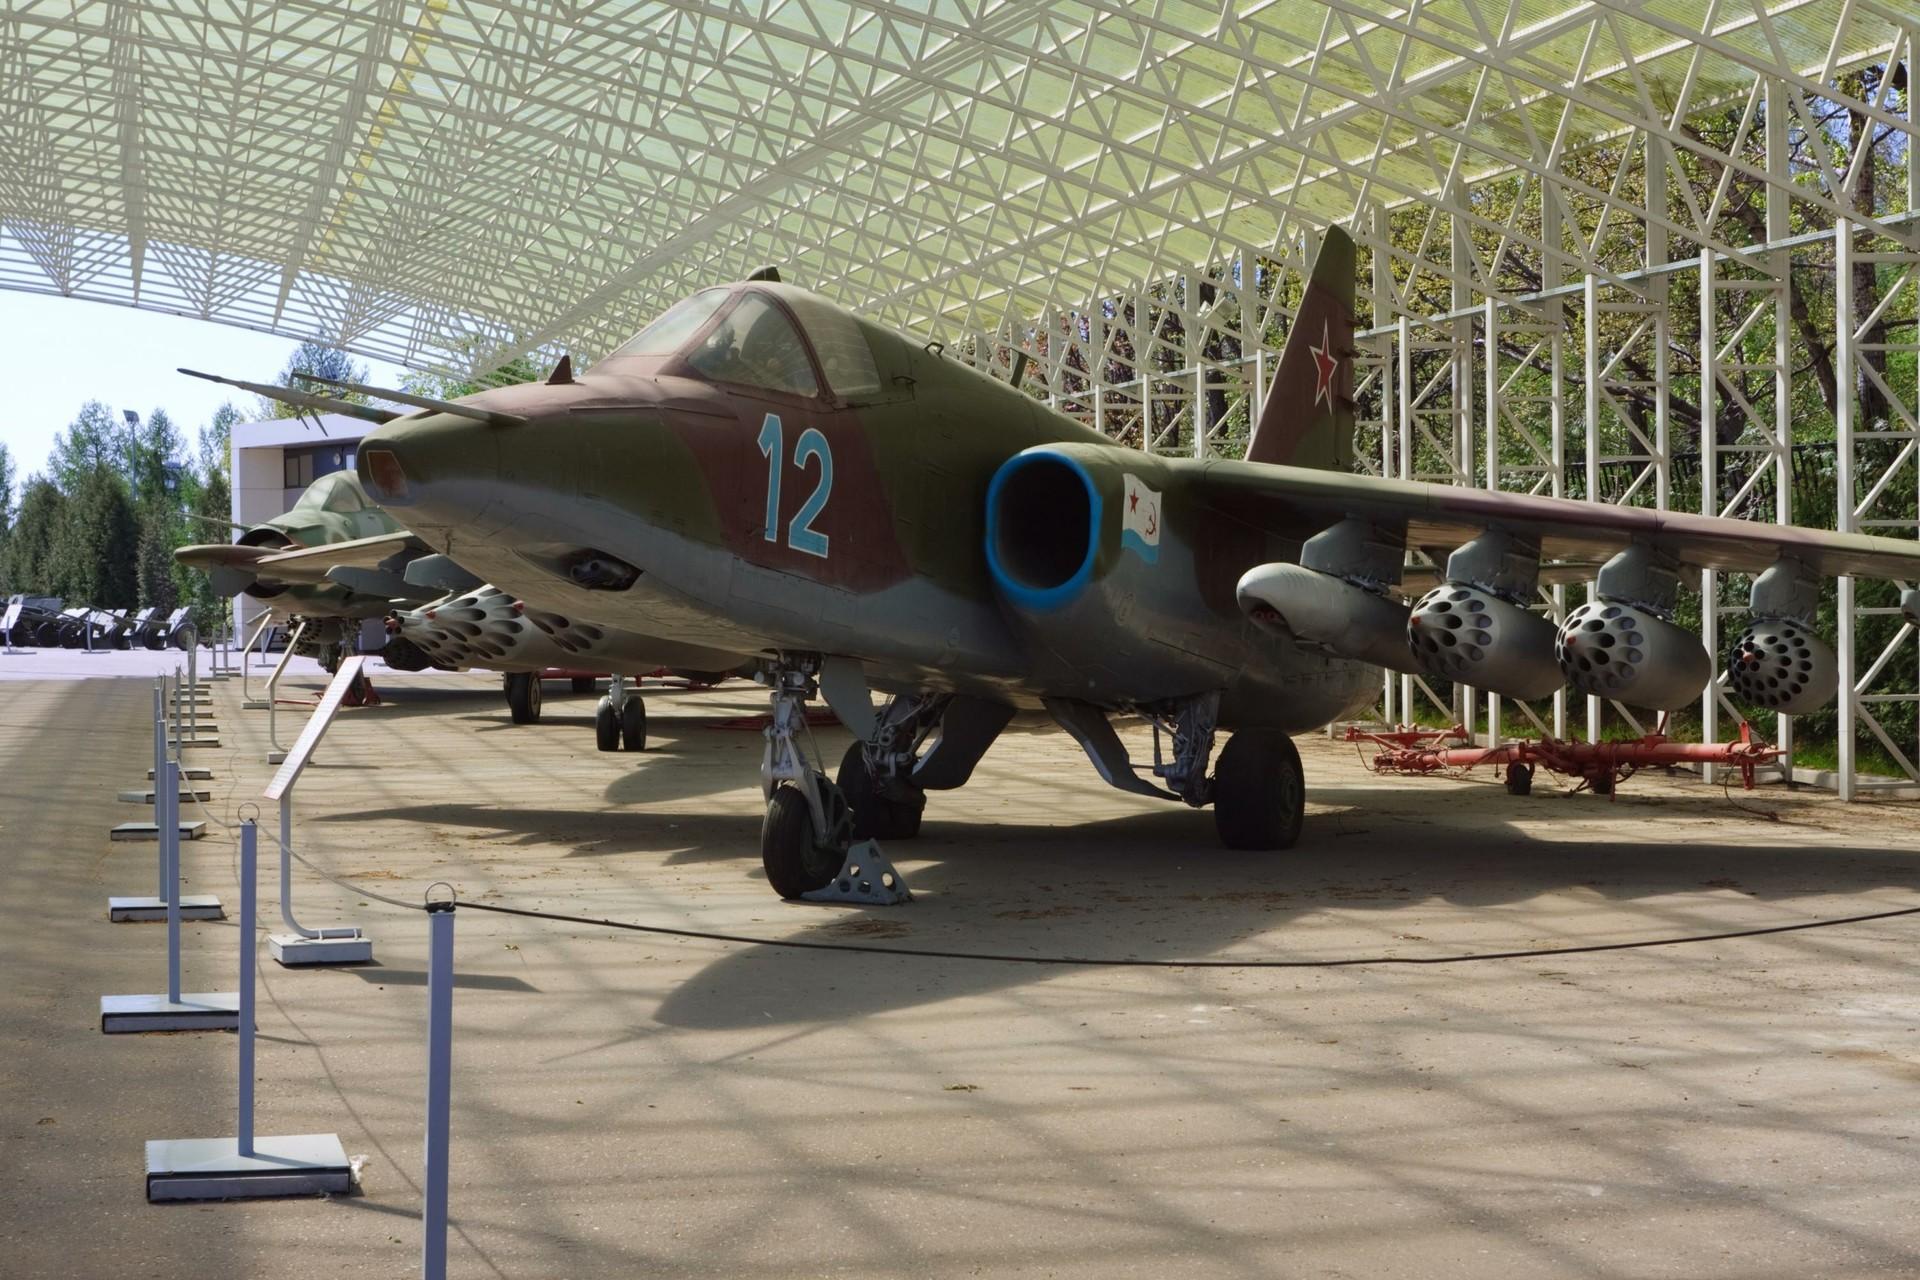 Sovjetski jurišnik Su-25